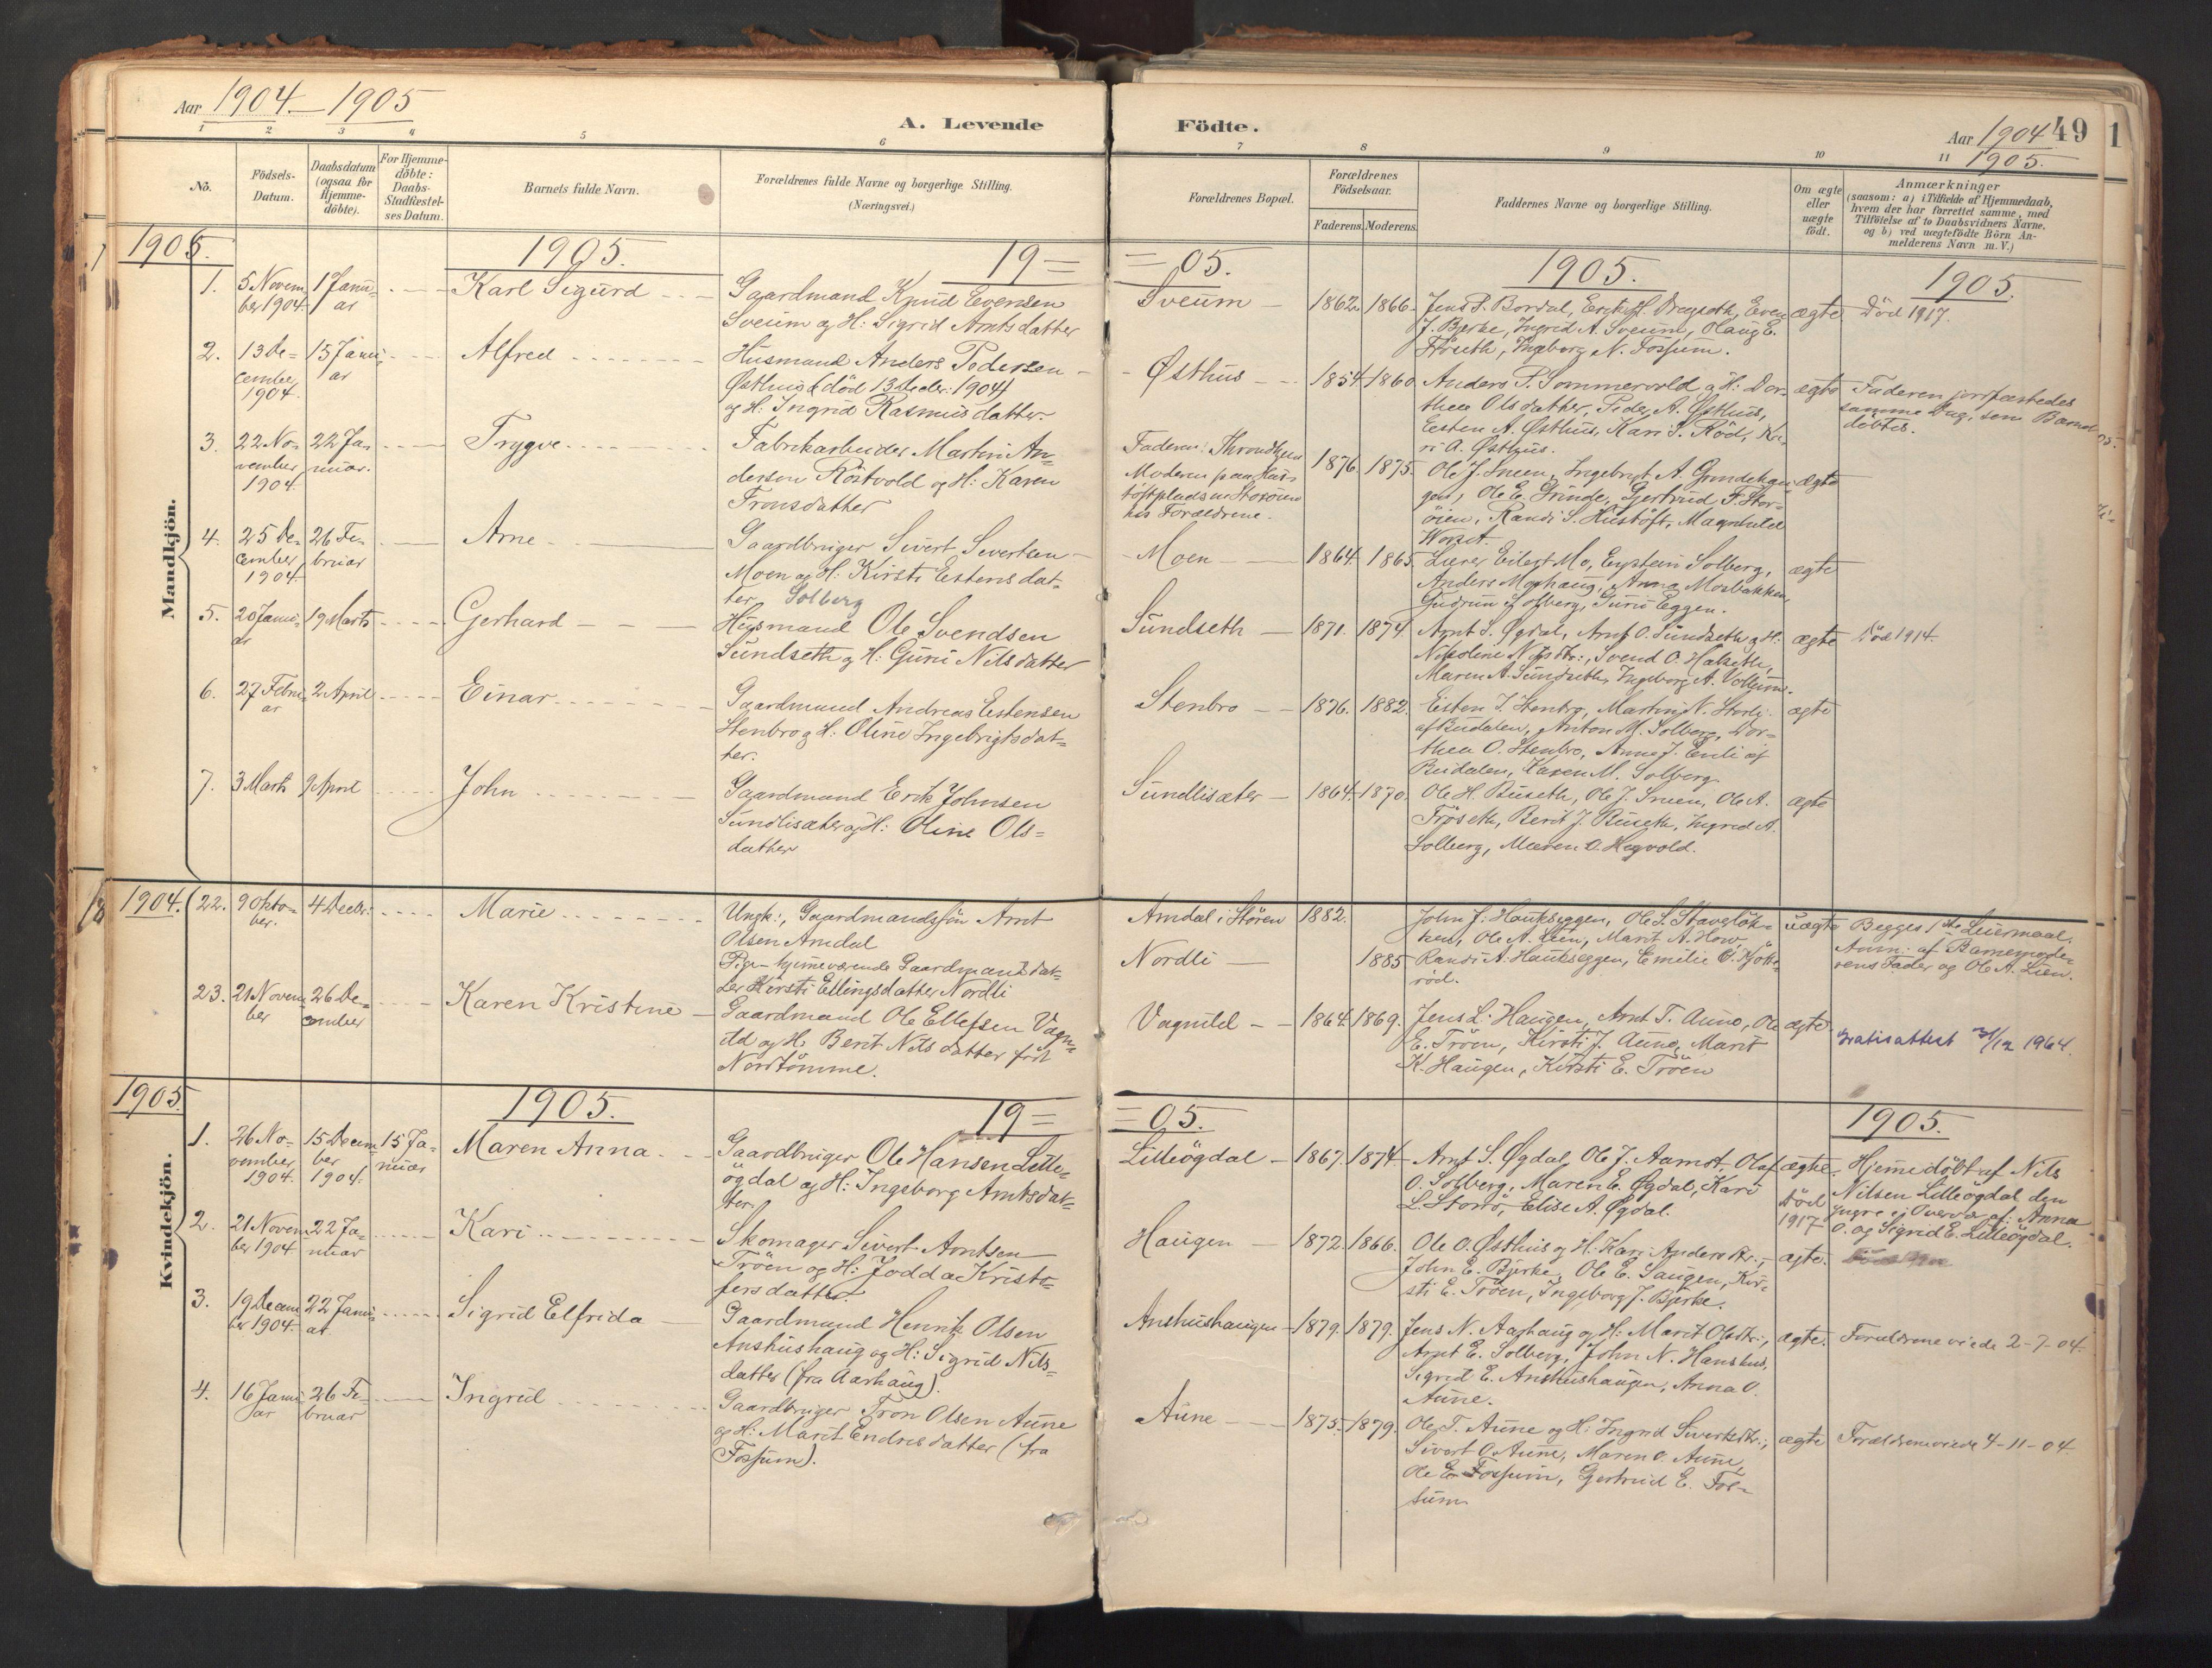 SAT, Ministerialprotokoller, klokkerbøker og fødselsregistre - Sør-Trøndelag, 689/L1041: Ministerialbok nr. 689A06, 1891-1923, s. 49